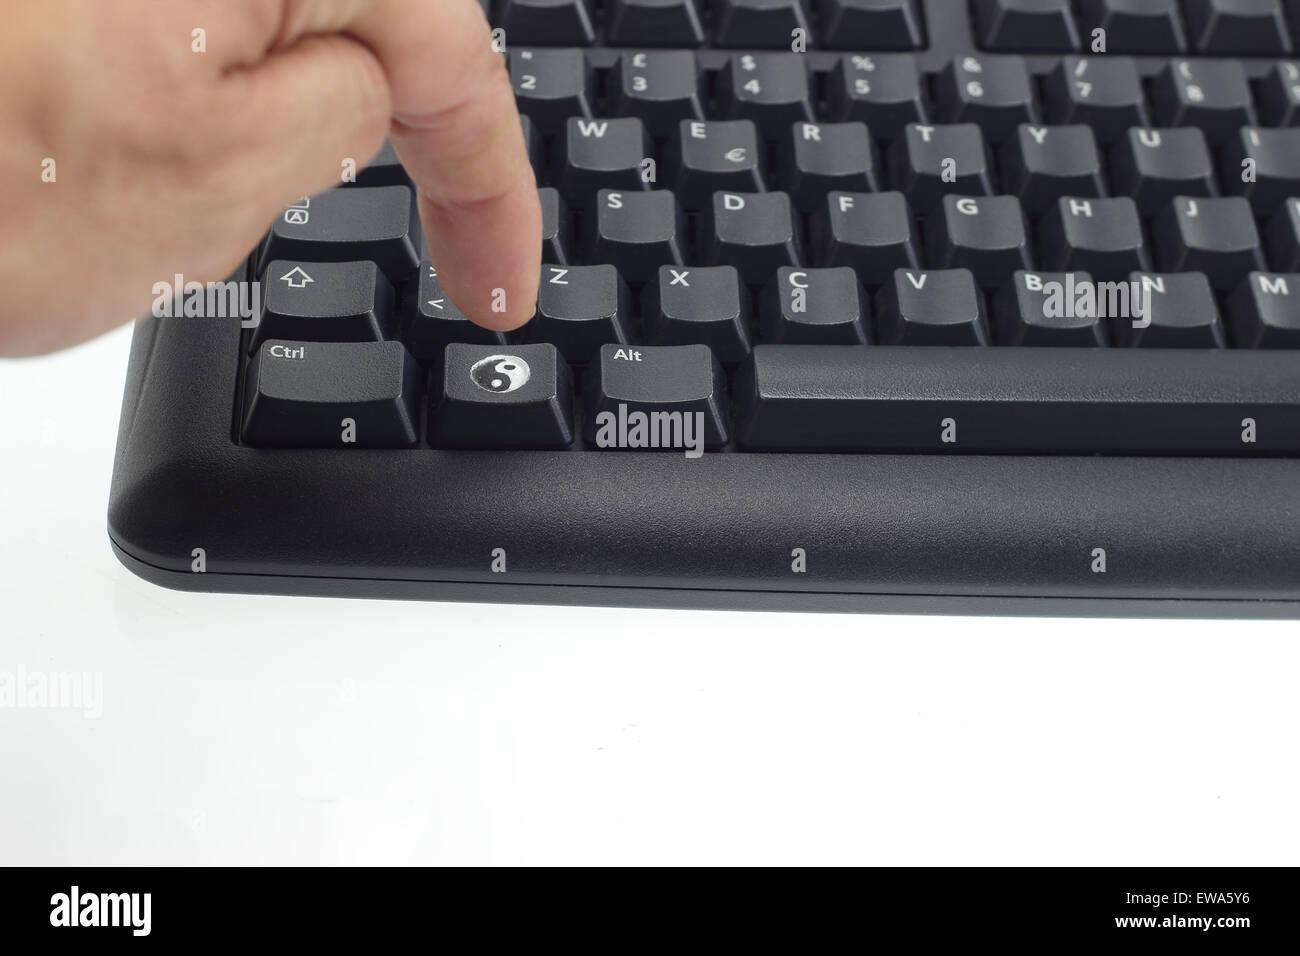 Ying Yang Symbol On Computer Keyboard Stock Photos Ying Yang